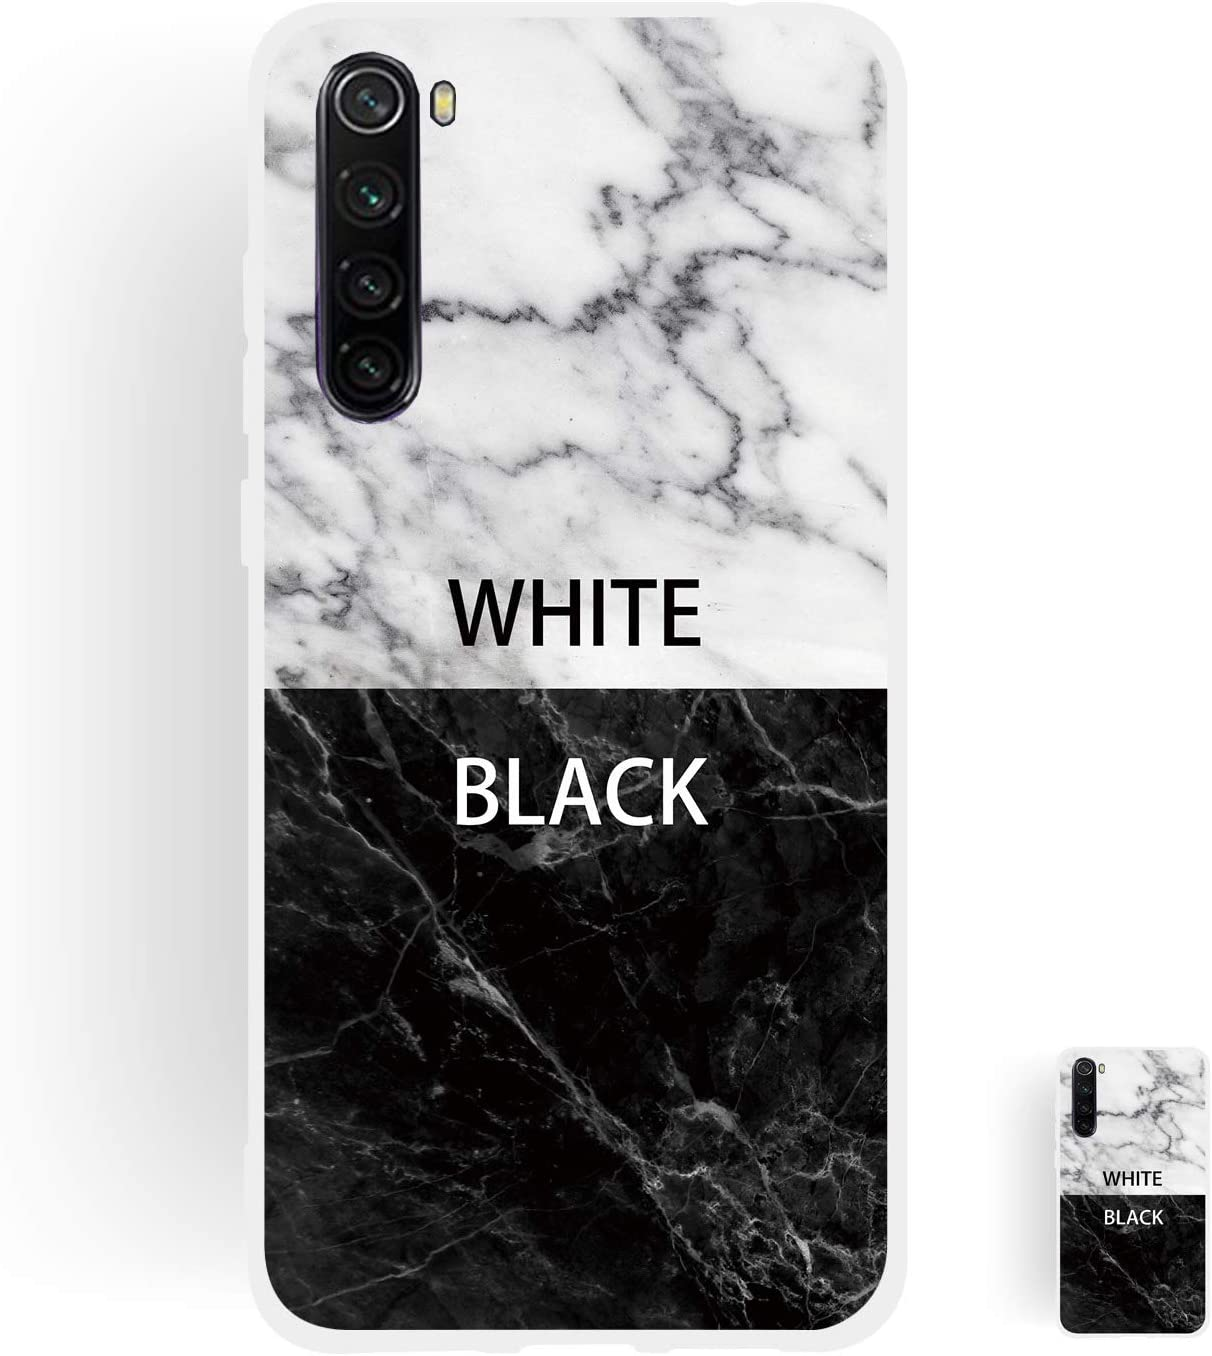 HopMore 3 Pack Compatible con Funda Xiaomi Redmi Note 9 Silicona Blando Dibujo M/ármol Blanco Divertidas Carcasa TPU Suave Ultrafina Slim Case Antigolpes Caso Soft Cover Gracioso Dise/ño A